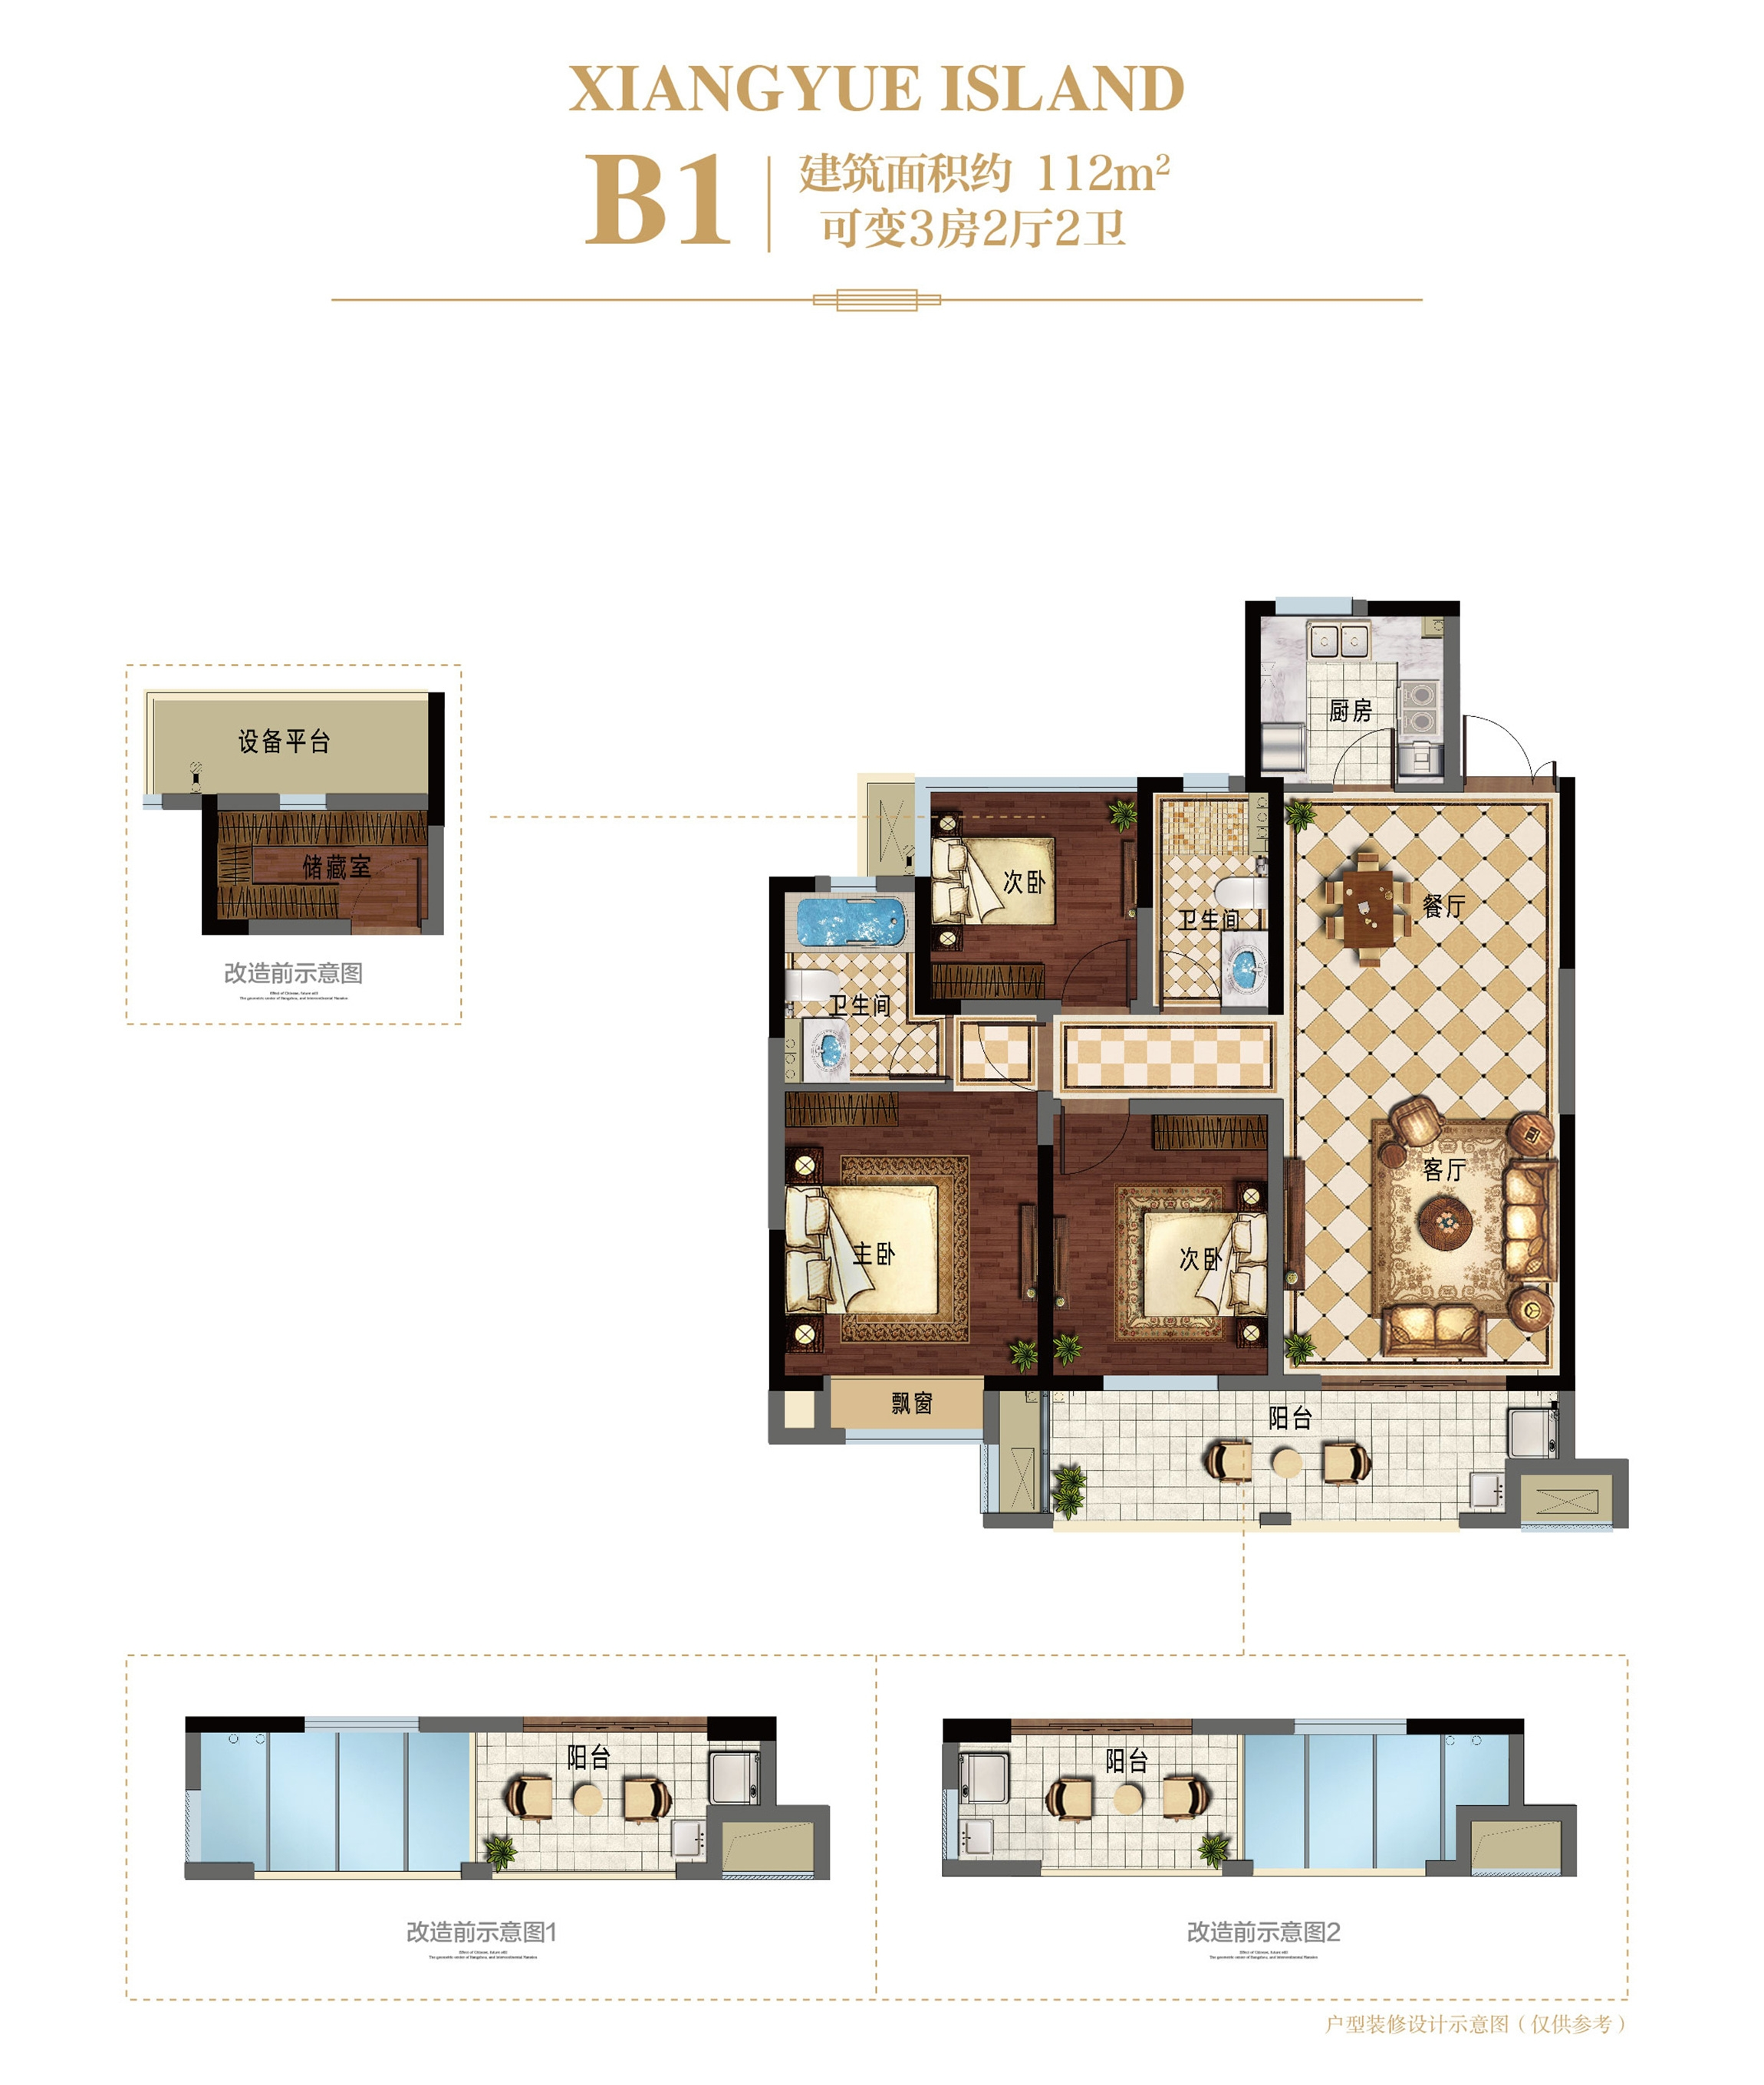 新城香悦半岛b1户型图112方 (15号楼)